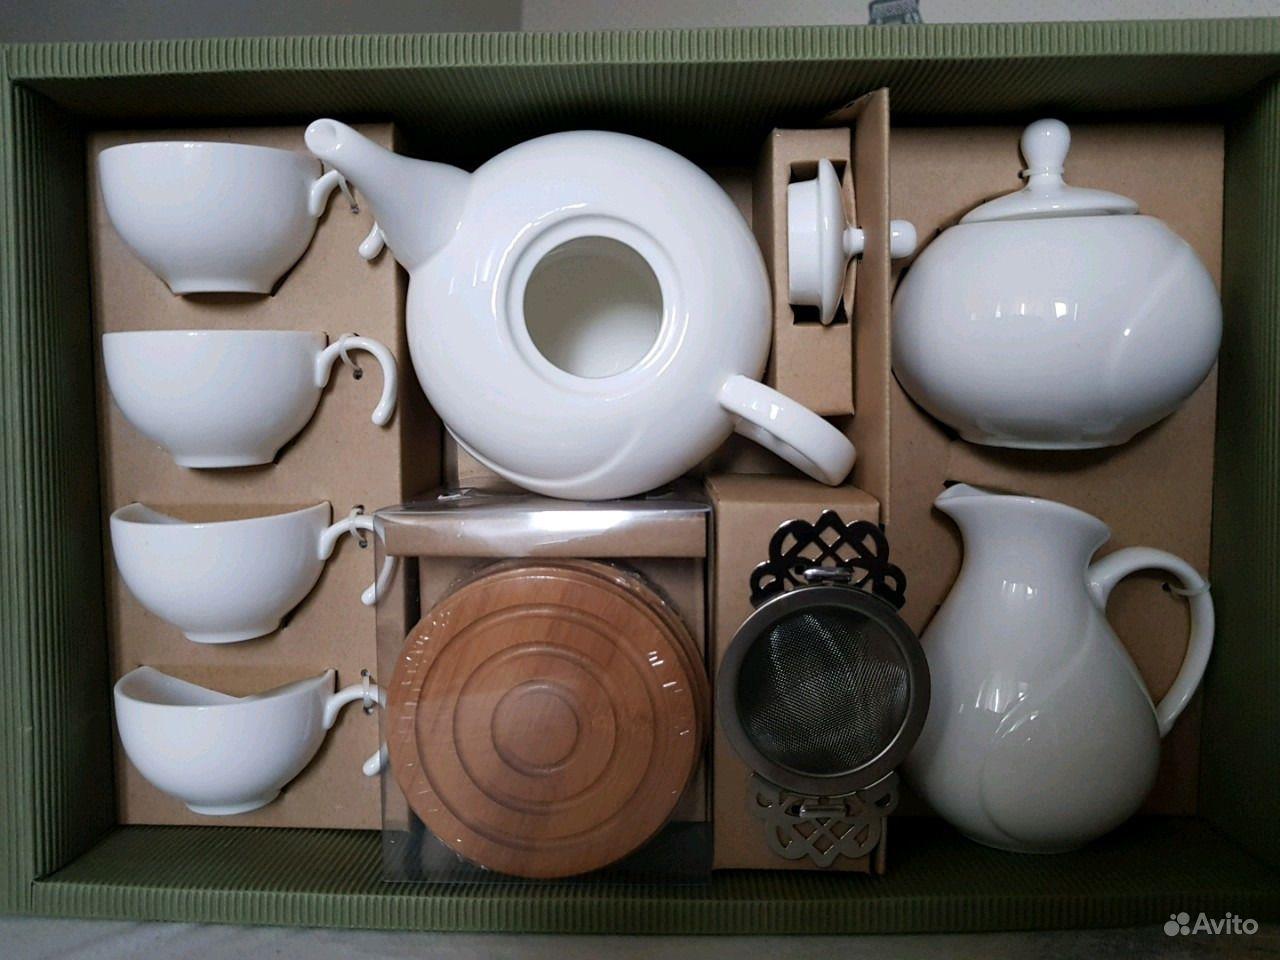 Сервиз чайный — фотография №1